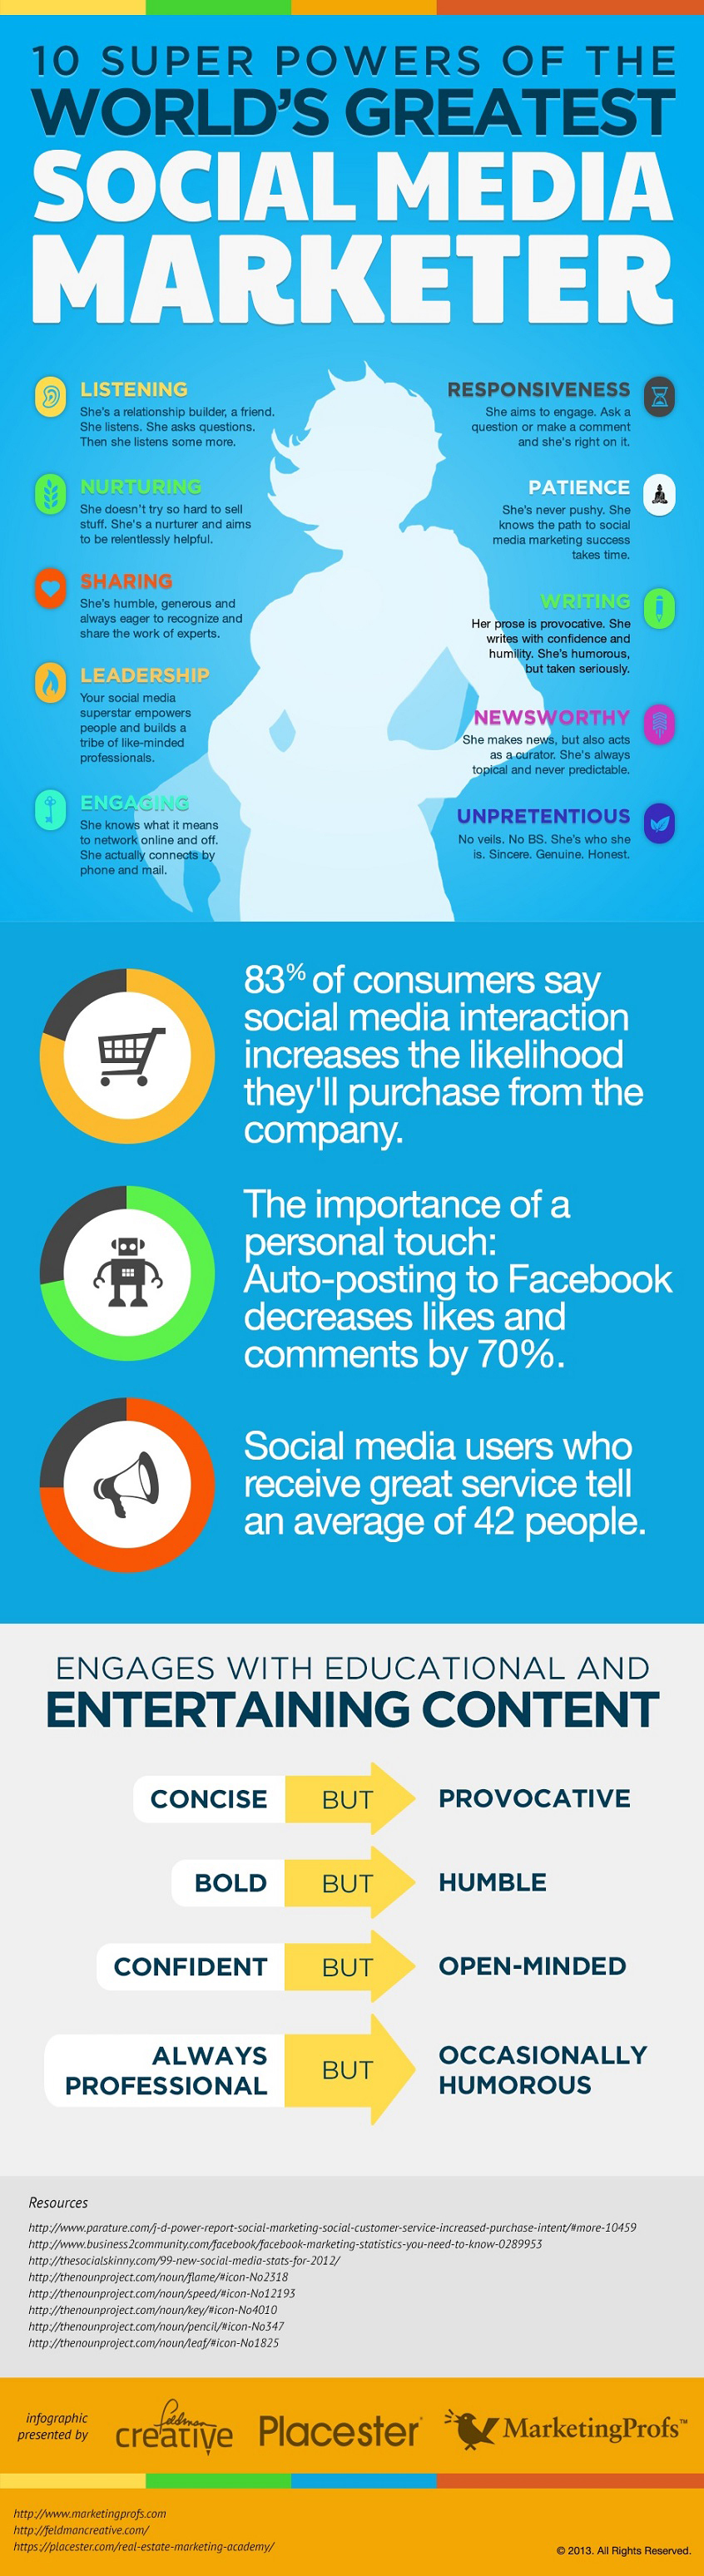 social media marketer